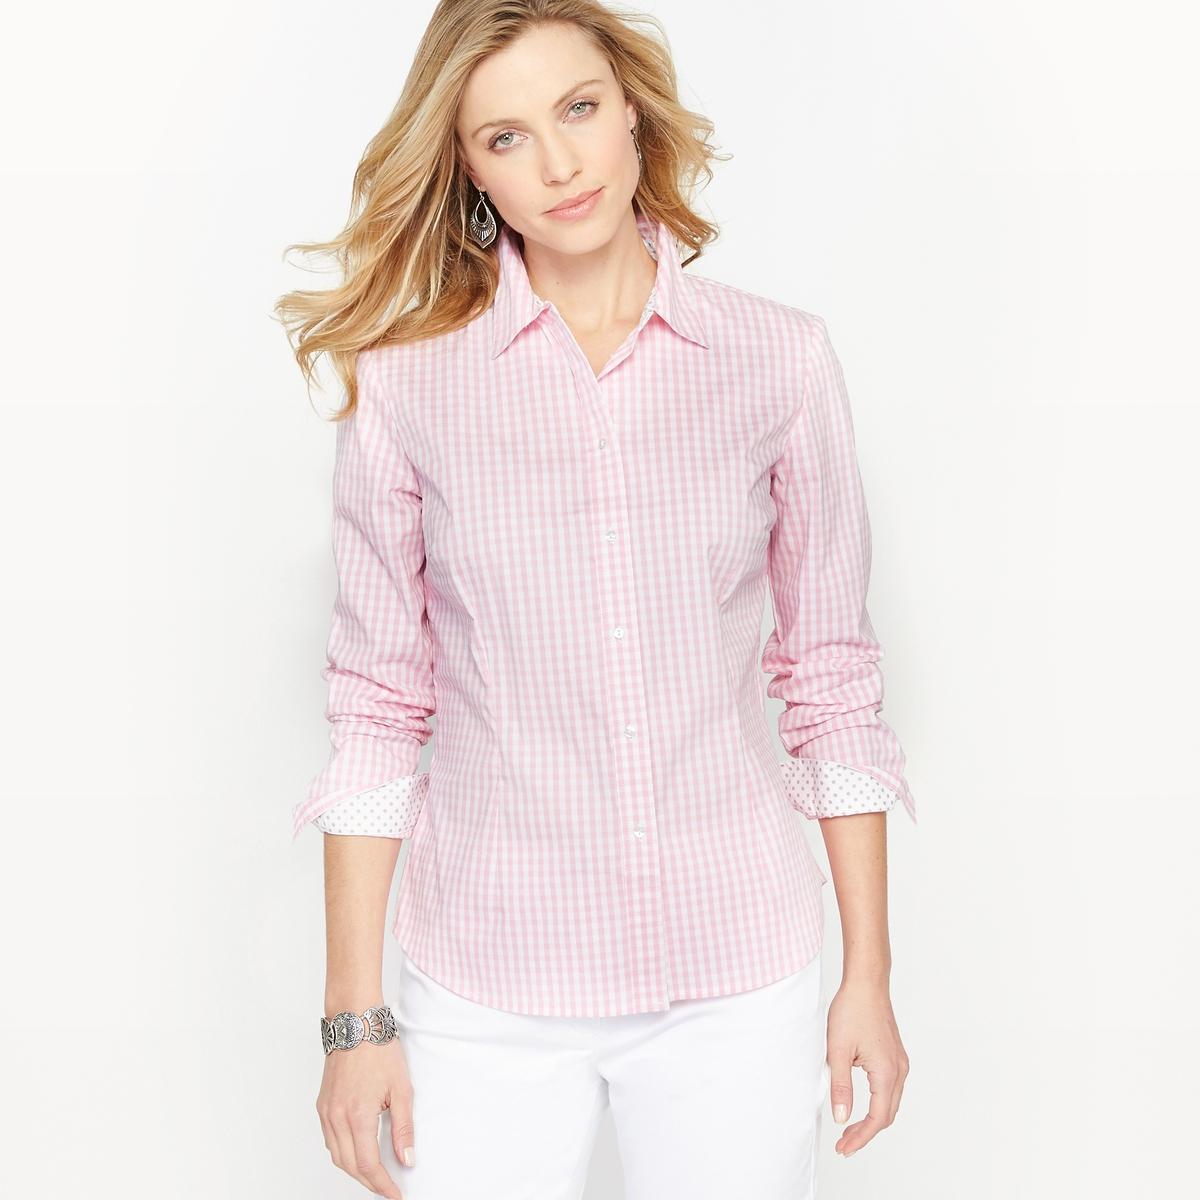 Рубашка в клетку виши из окрашенных волокон рубашка в клетку dc atura 3 atura black